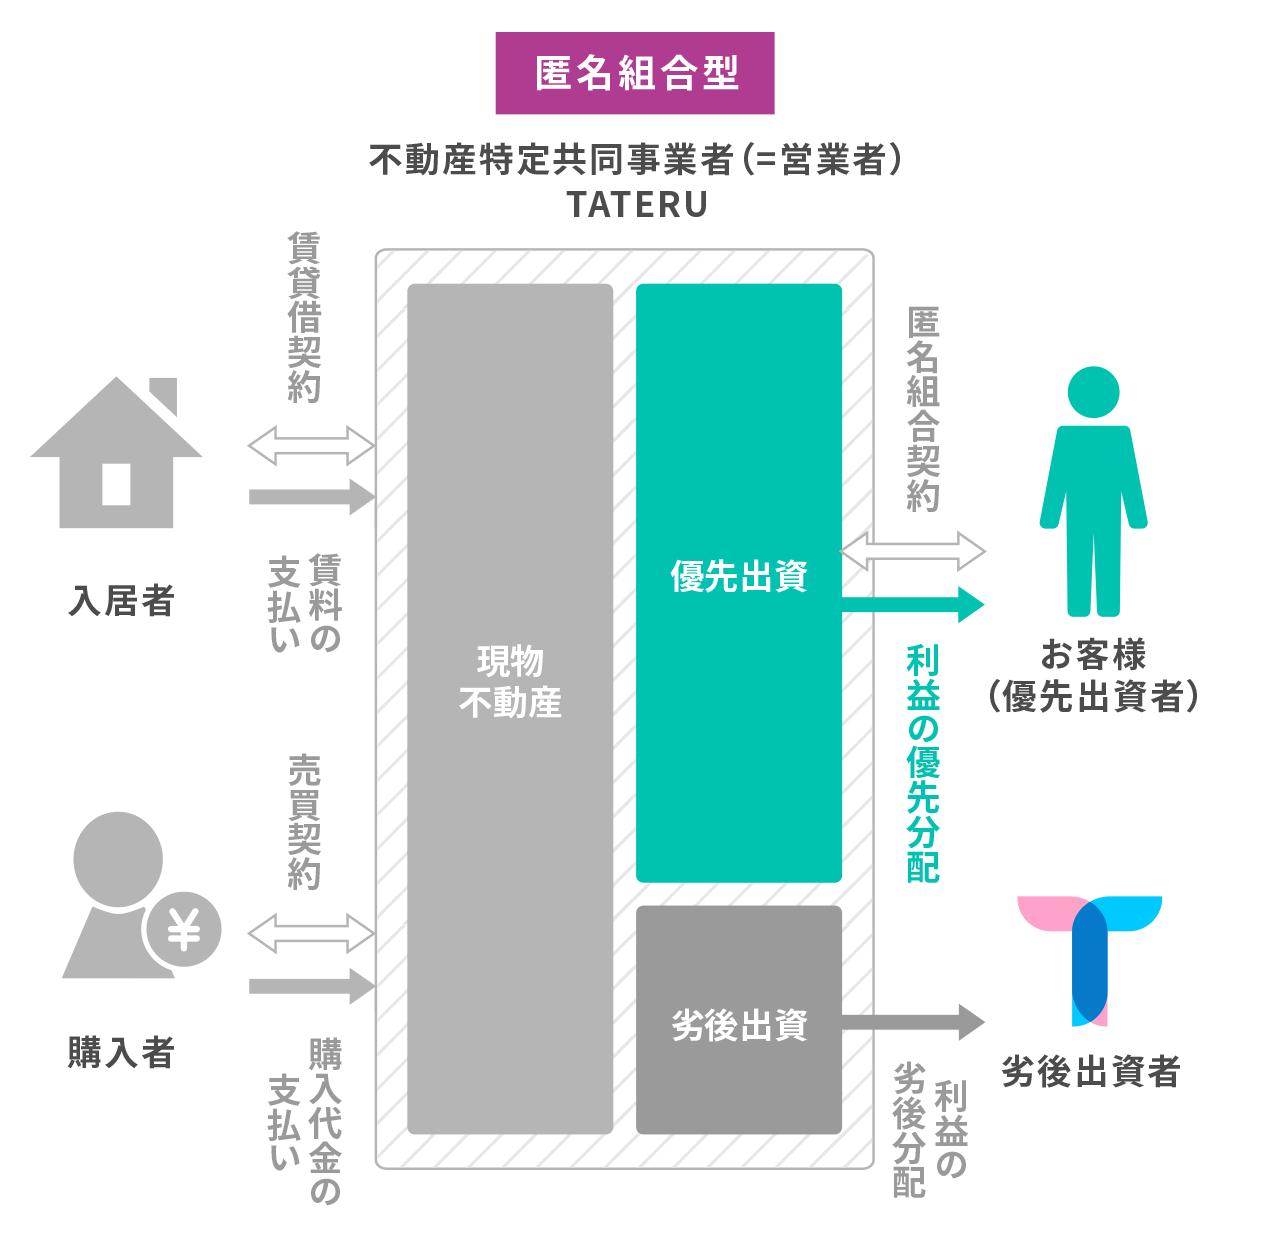 TATERU Funding優先劣後出資の仕組み